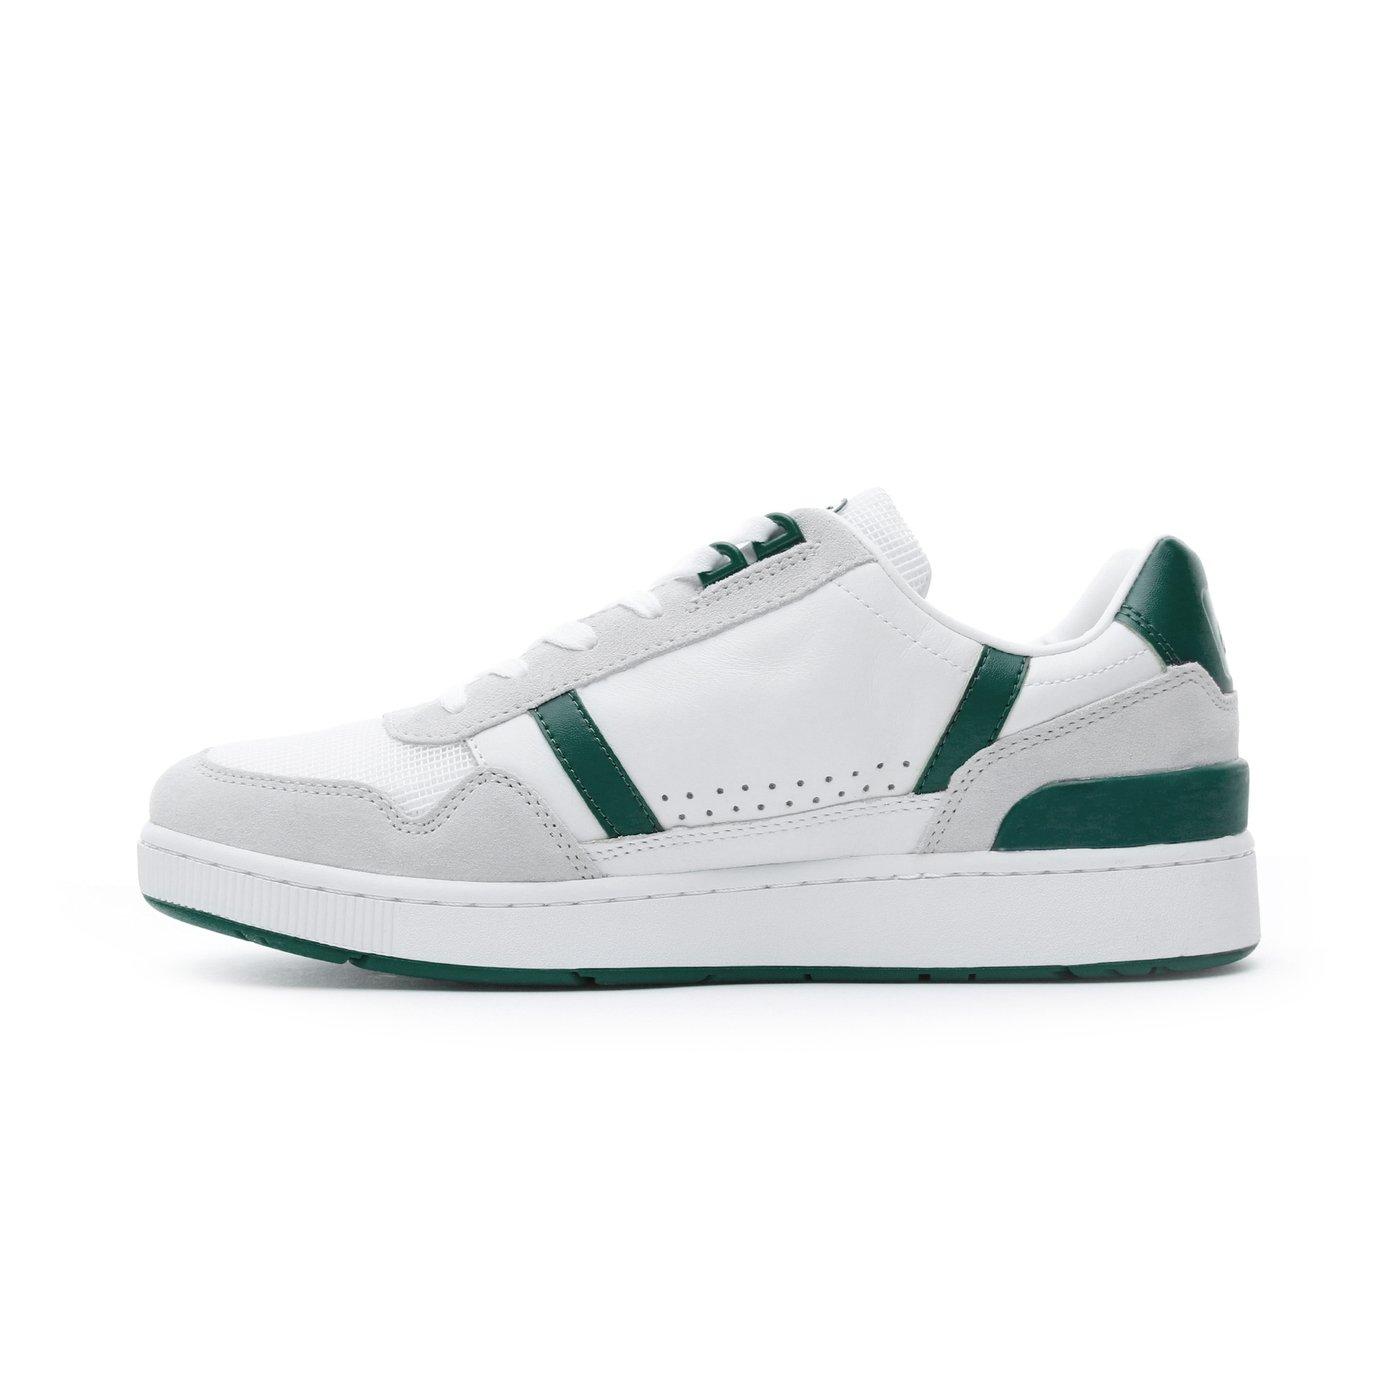 Lacoste T-Clip  Erkek Beyaz - Yeşil Spor Ayakkabı